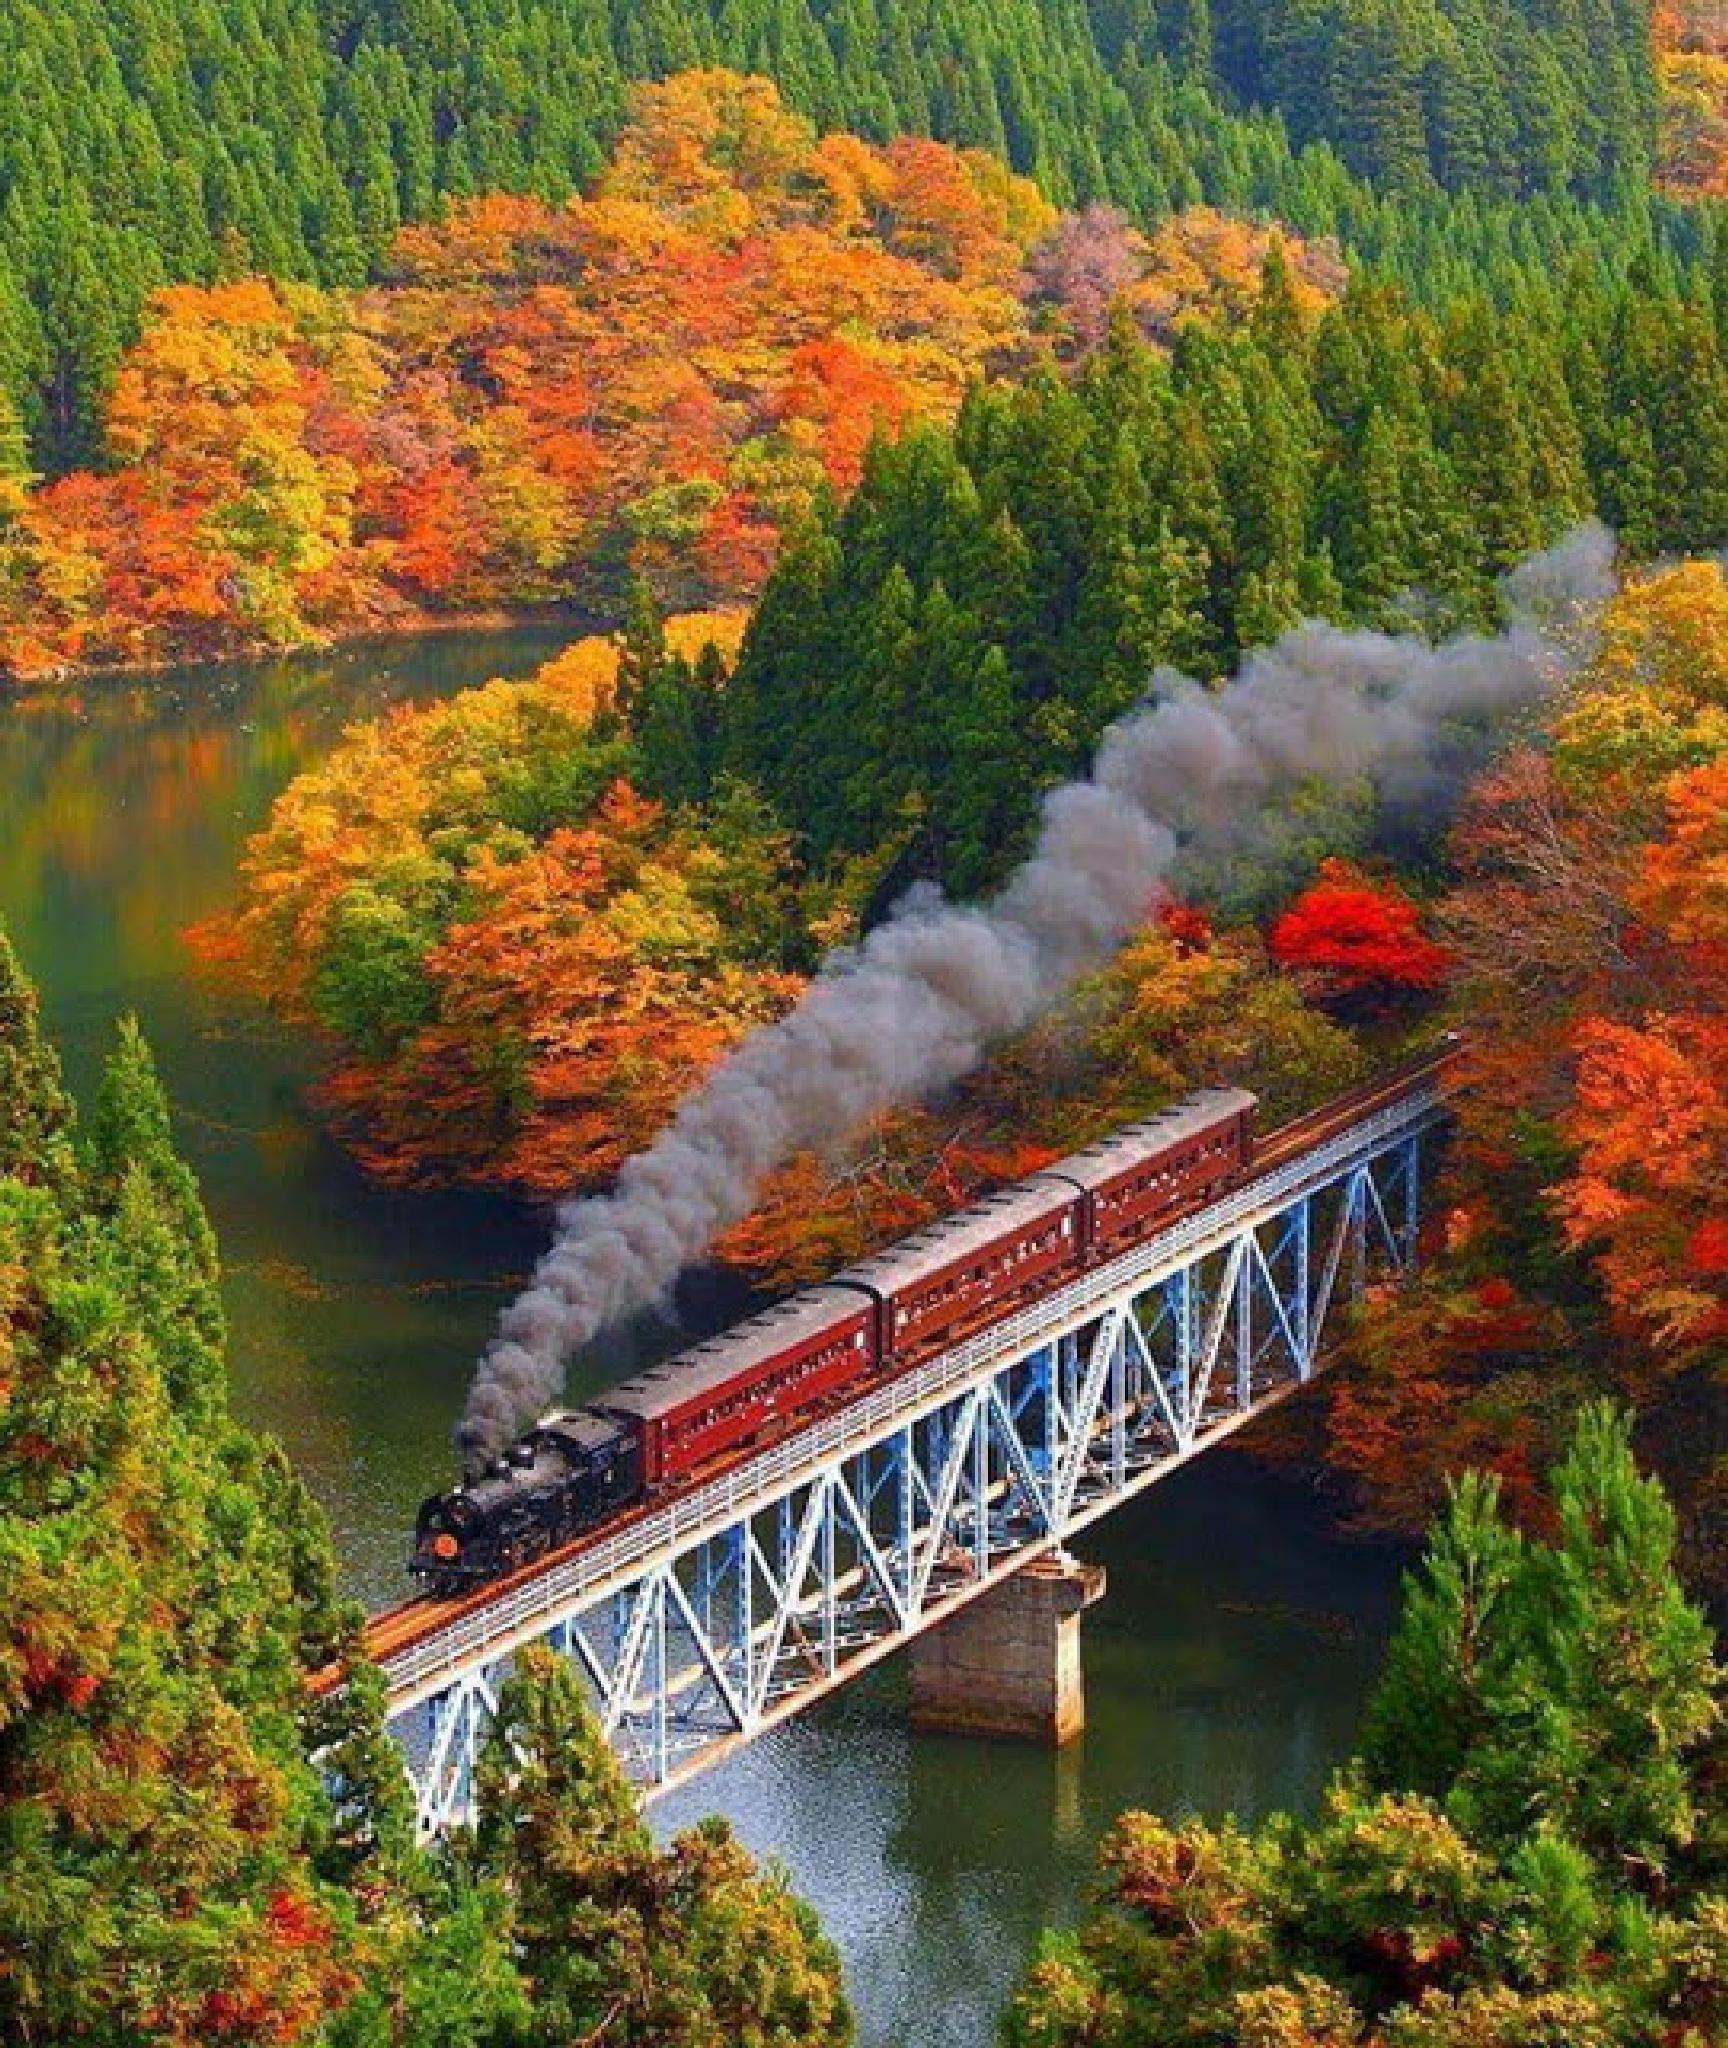 Autumn Train by RobW '92